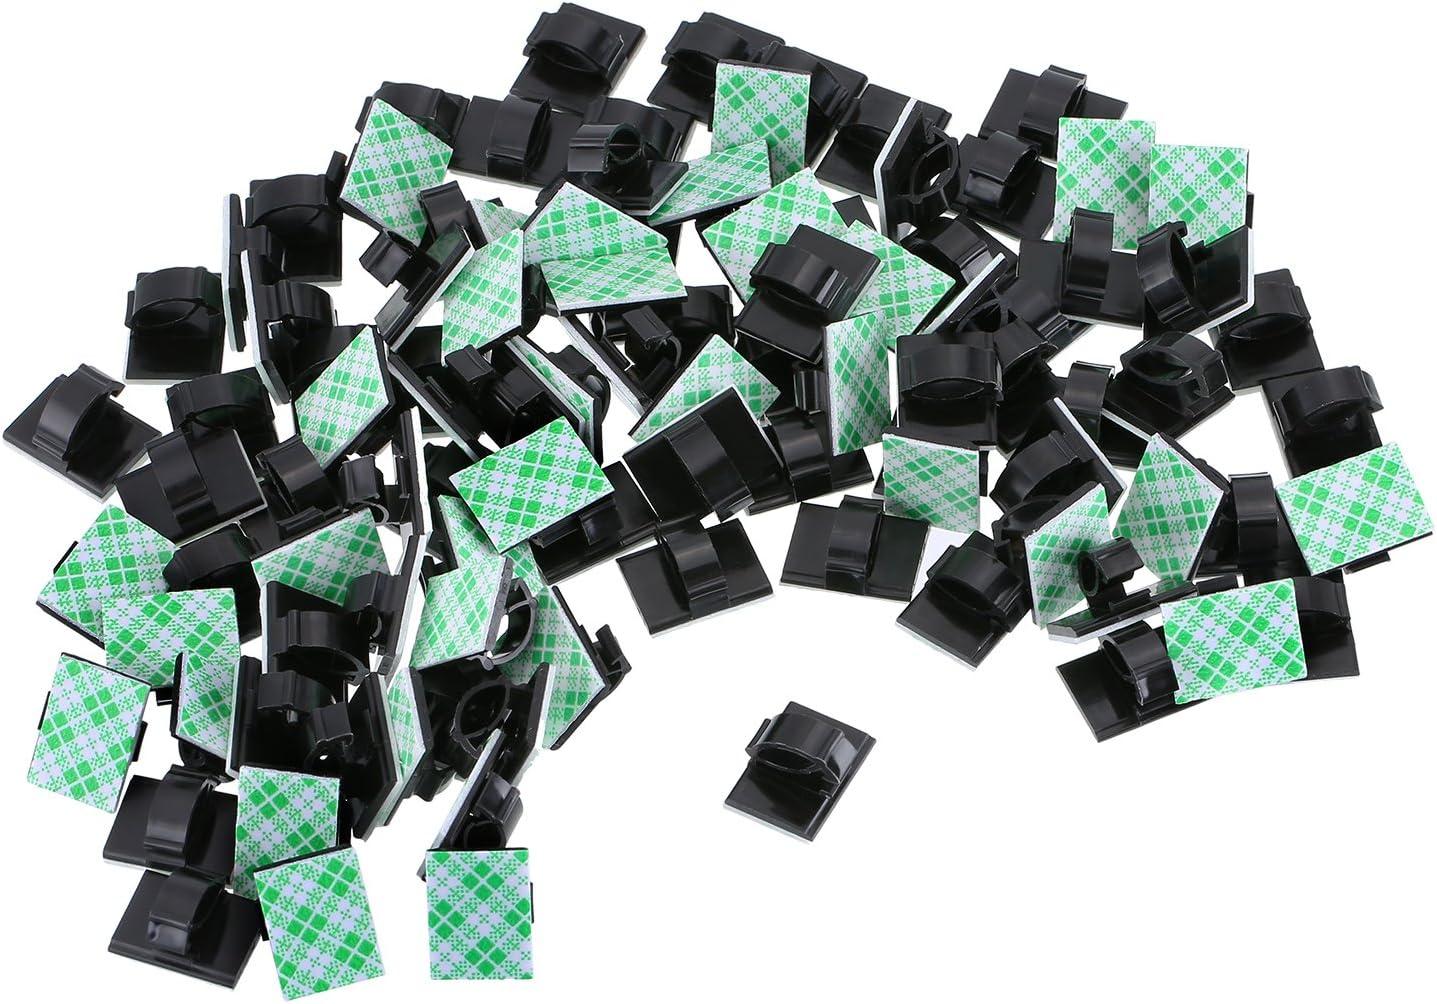 100 Paquetes Clips de Cable Autoadhesivo Multiusos Sujeta de Abrazaderas de Cable Sistema de Administración de Cable para Cables Desordenados en Hogar, Oficina y Coche